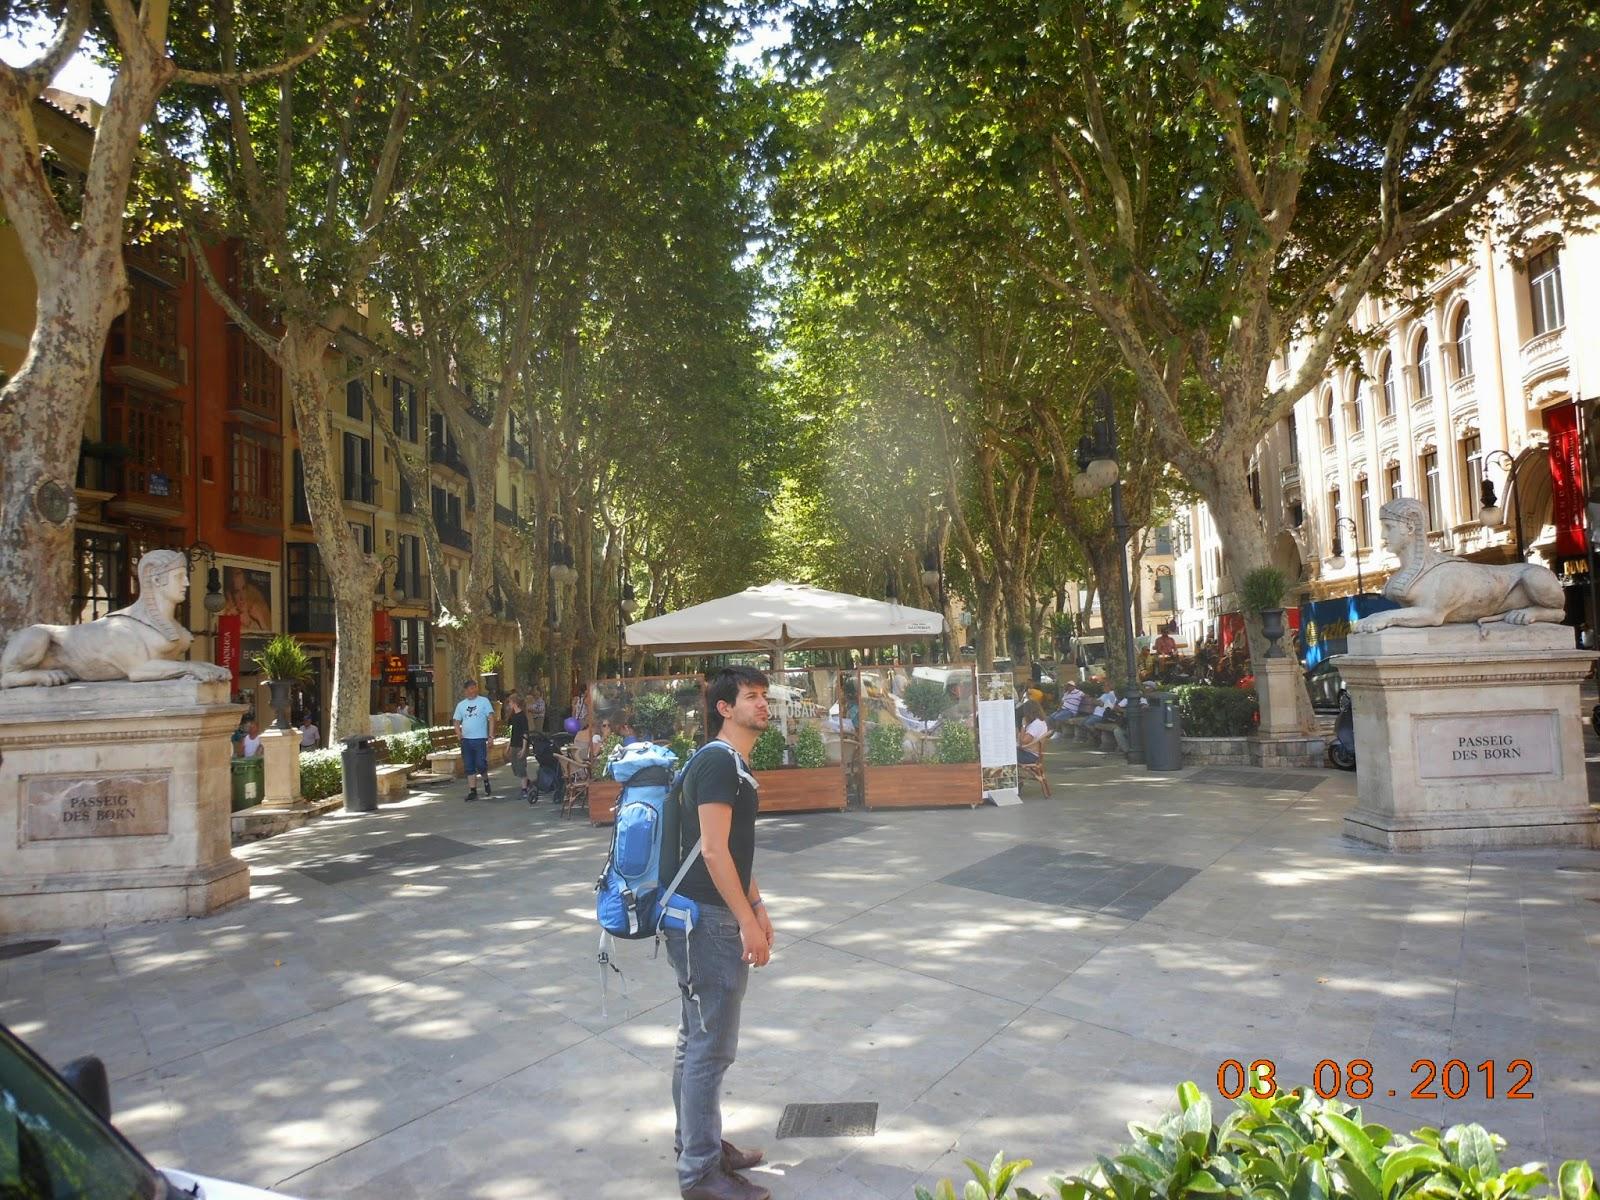 Paseig des Born - Palma de Maiorca - Espanhol